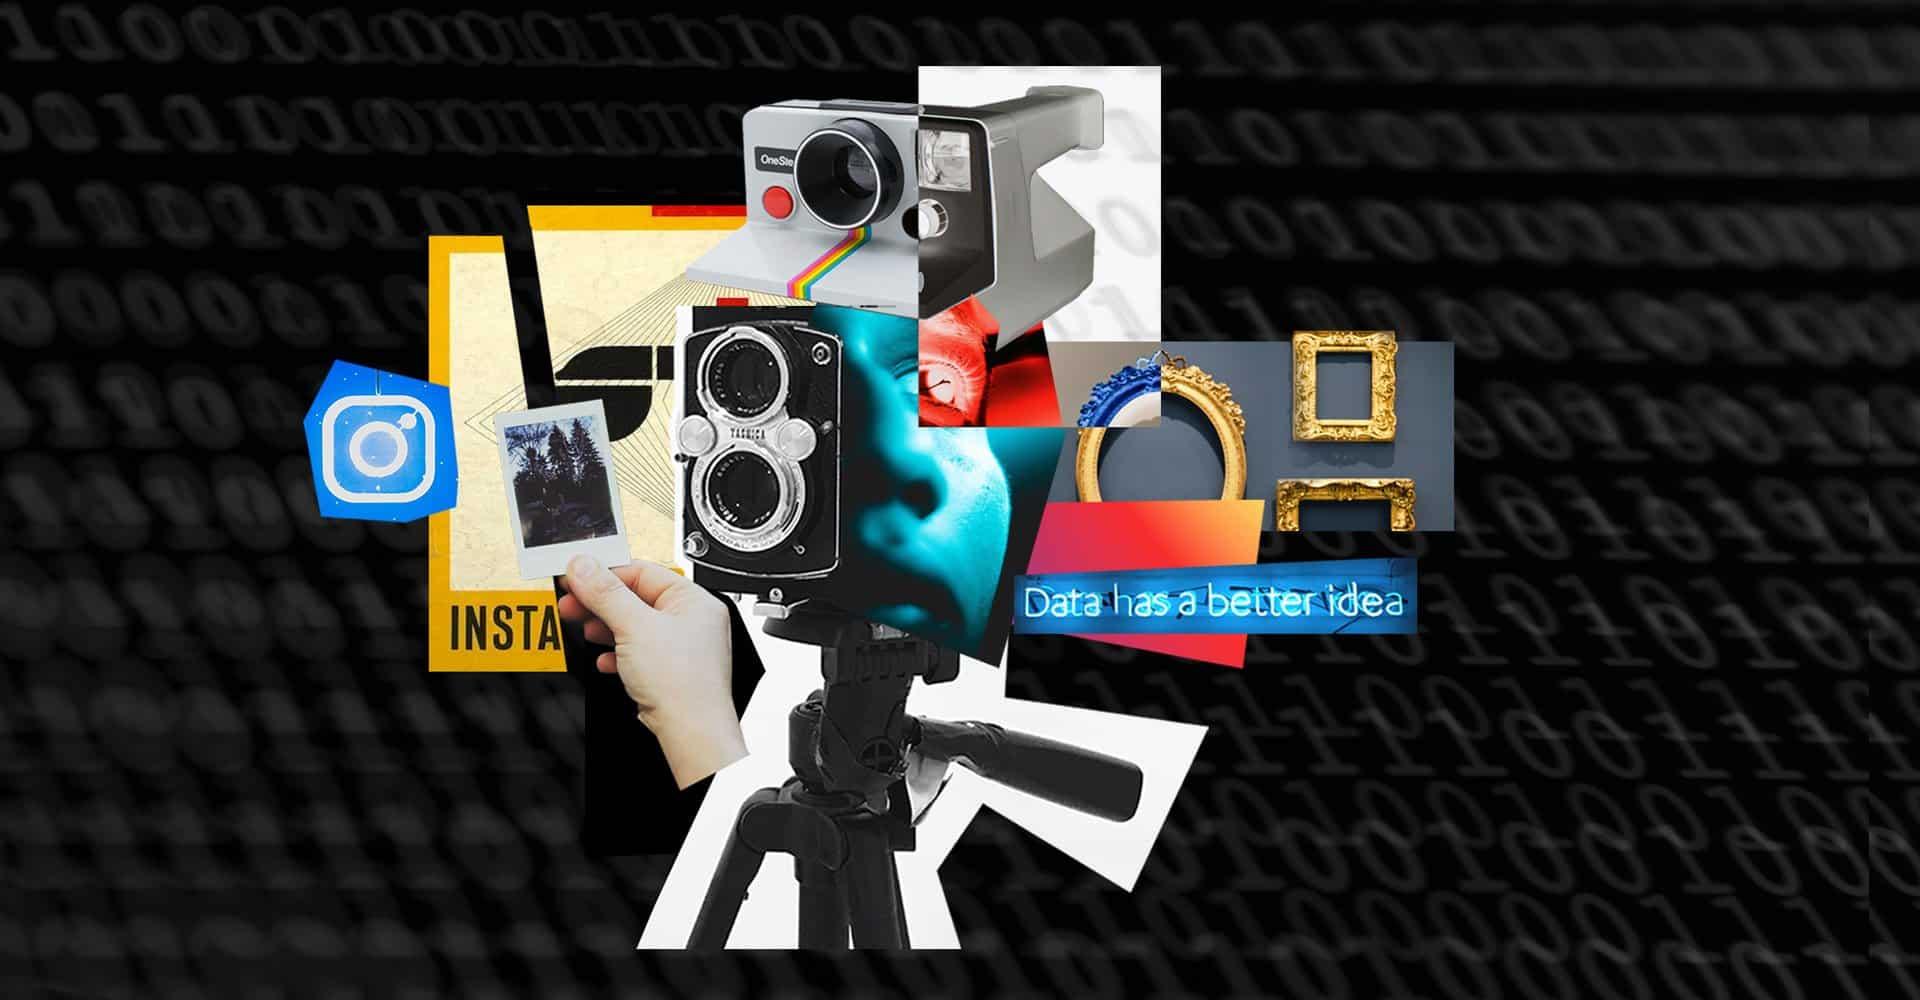 Aprende-a-usar-el-álbum-de-fotos-de-Instagram-1